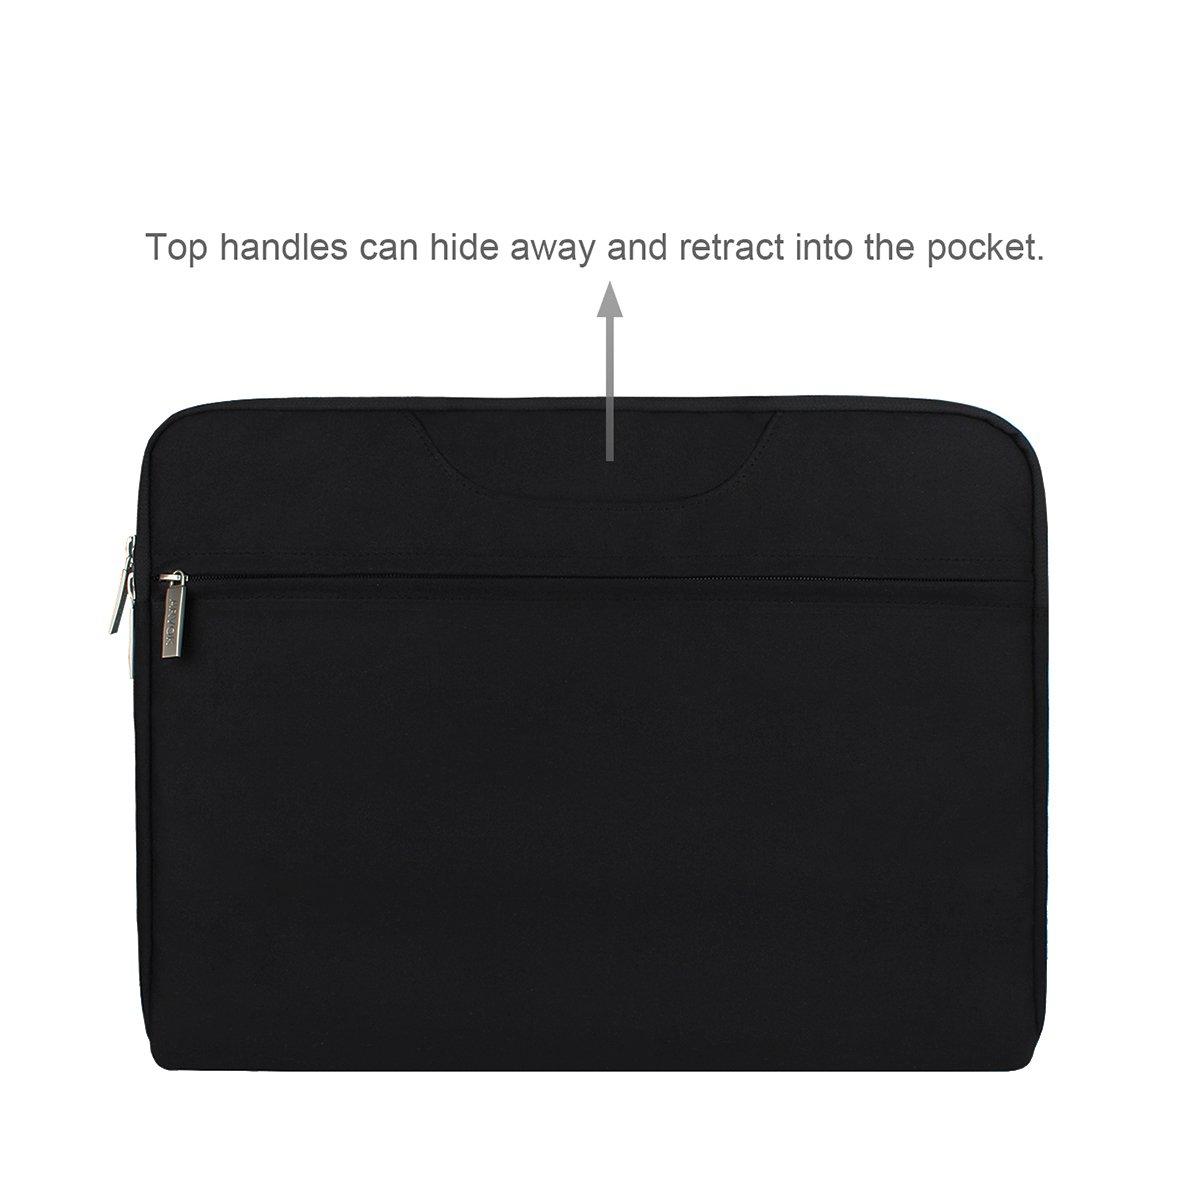 Noir ARVOK 11 11.6 Pouces Housse pour Ordinateur Portable Sacoche Pochette PC avec Poign/ée en Toile de Protection pour Macbook Pro Retina//ASUS//Dell//HP//Lenovo//Tashiba//Sony